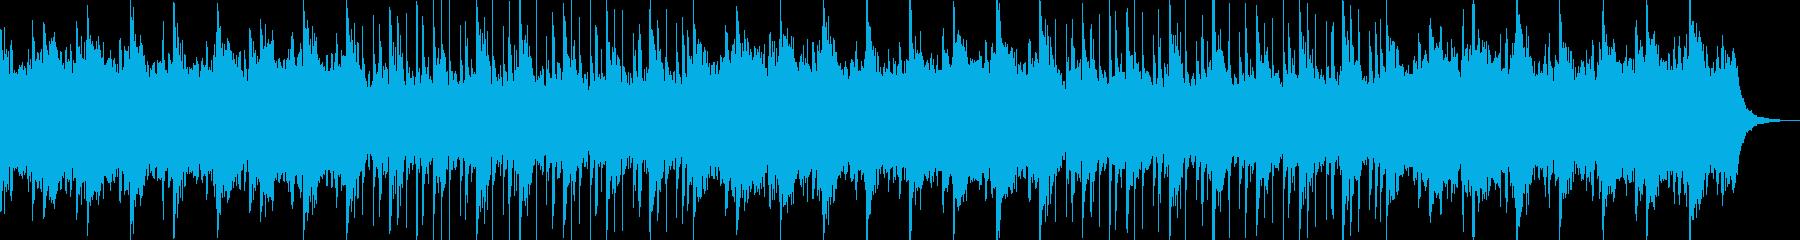 企業VP・映像、壮大・感動オーケストラの再生済みの波形